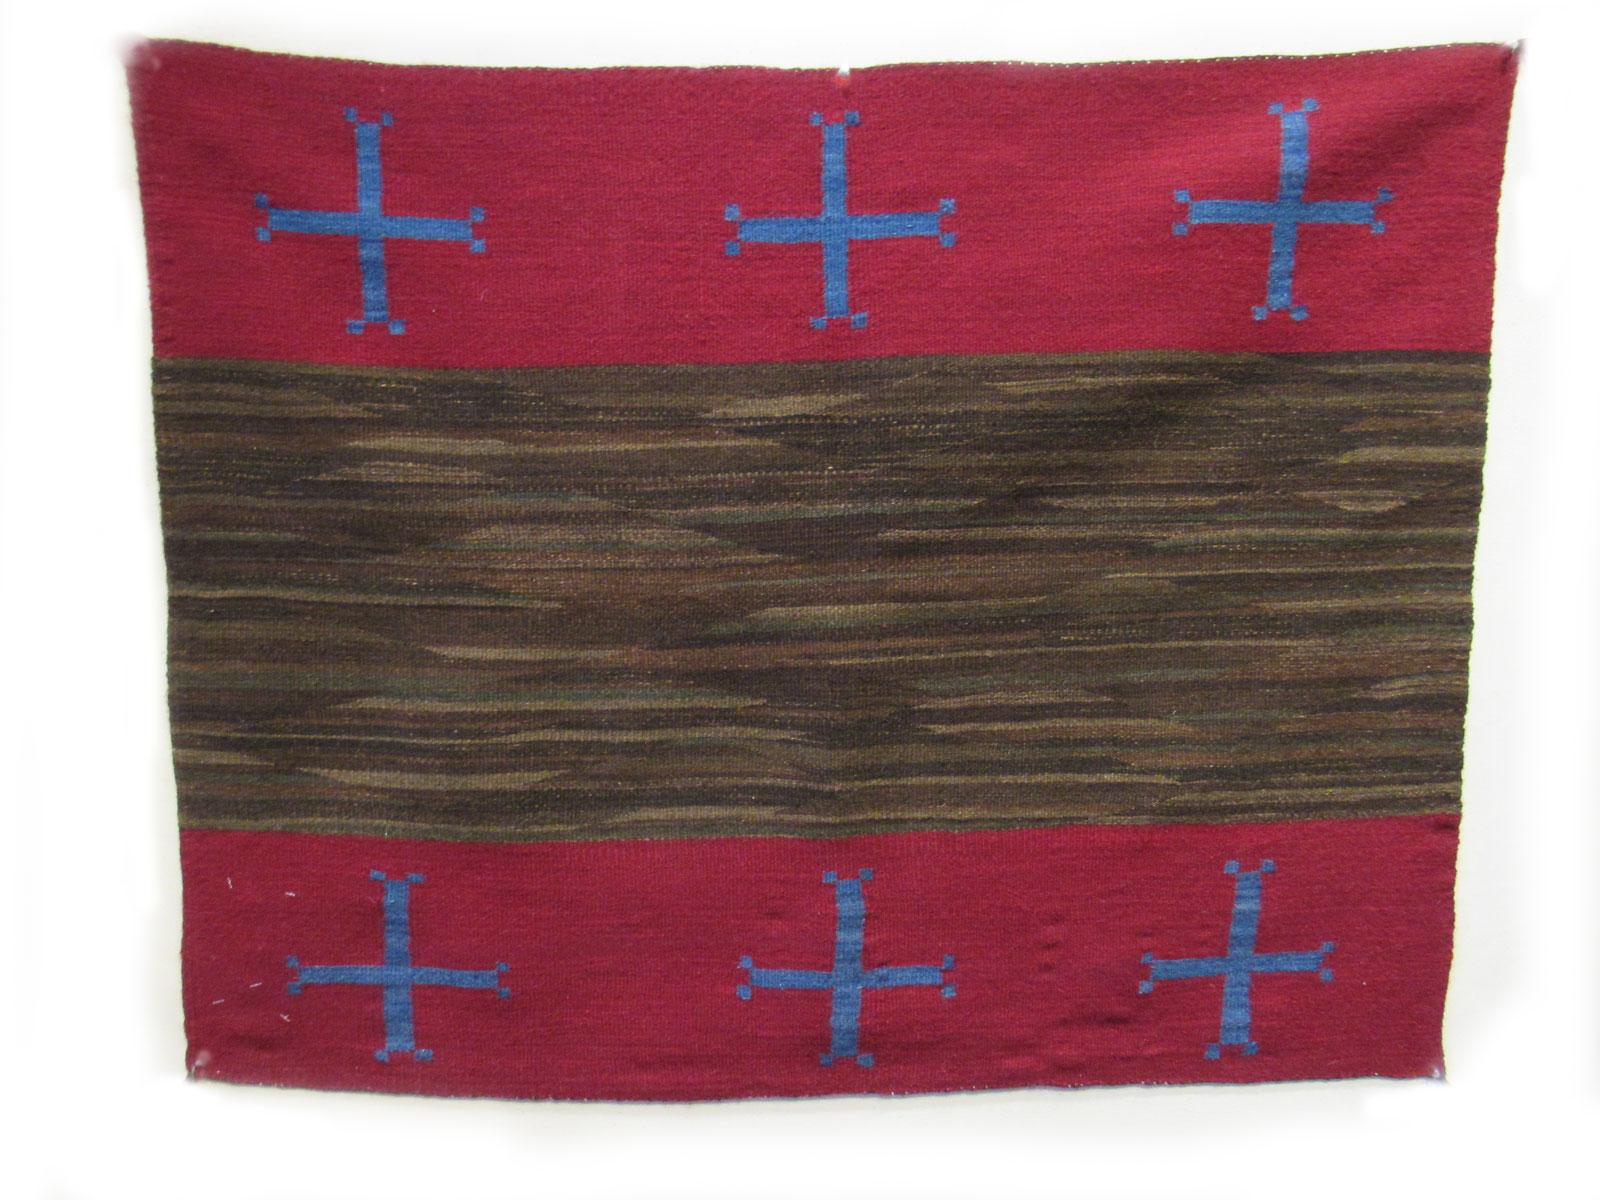 Navajo Child's Blanket Manta Style